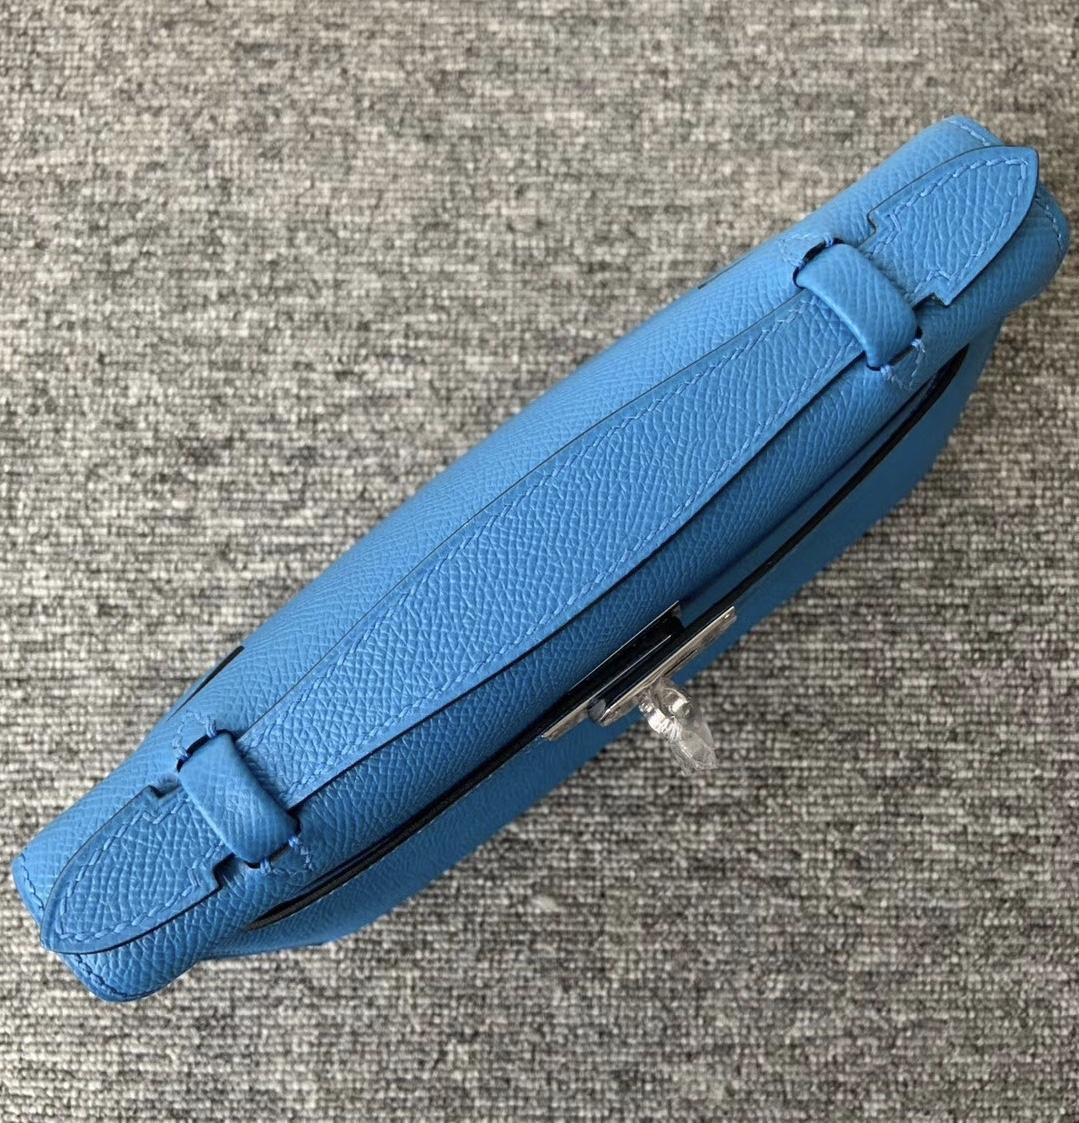 香港九龍城區 Hermes MiniKelly pochette B3 坦桑尼亞藍 Blue Zanzibar